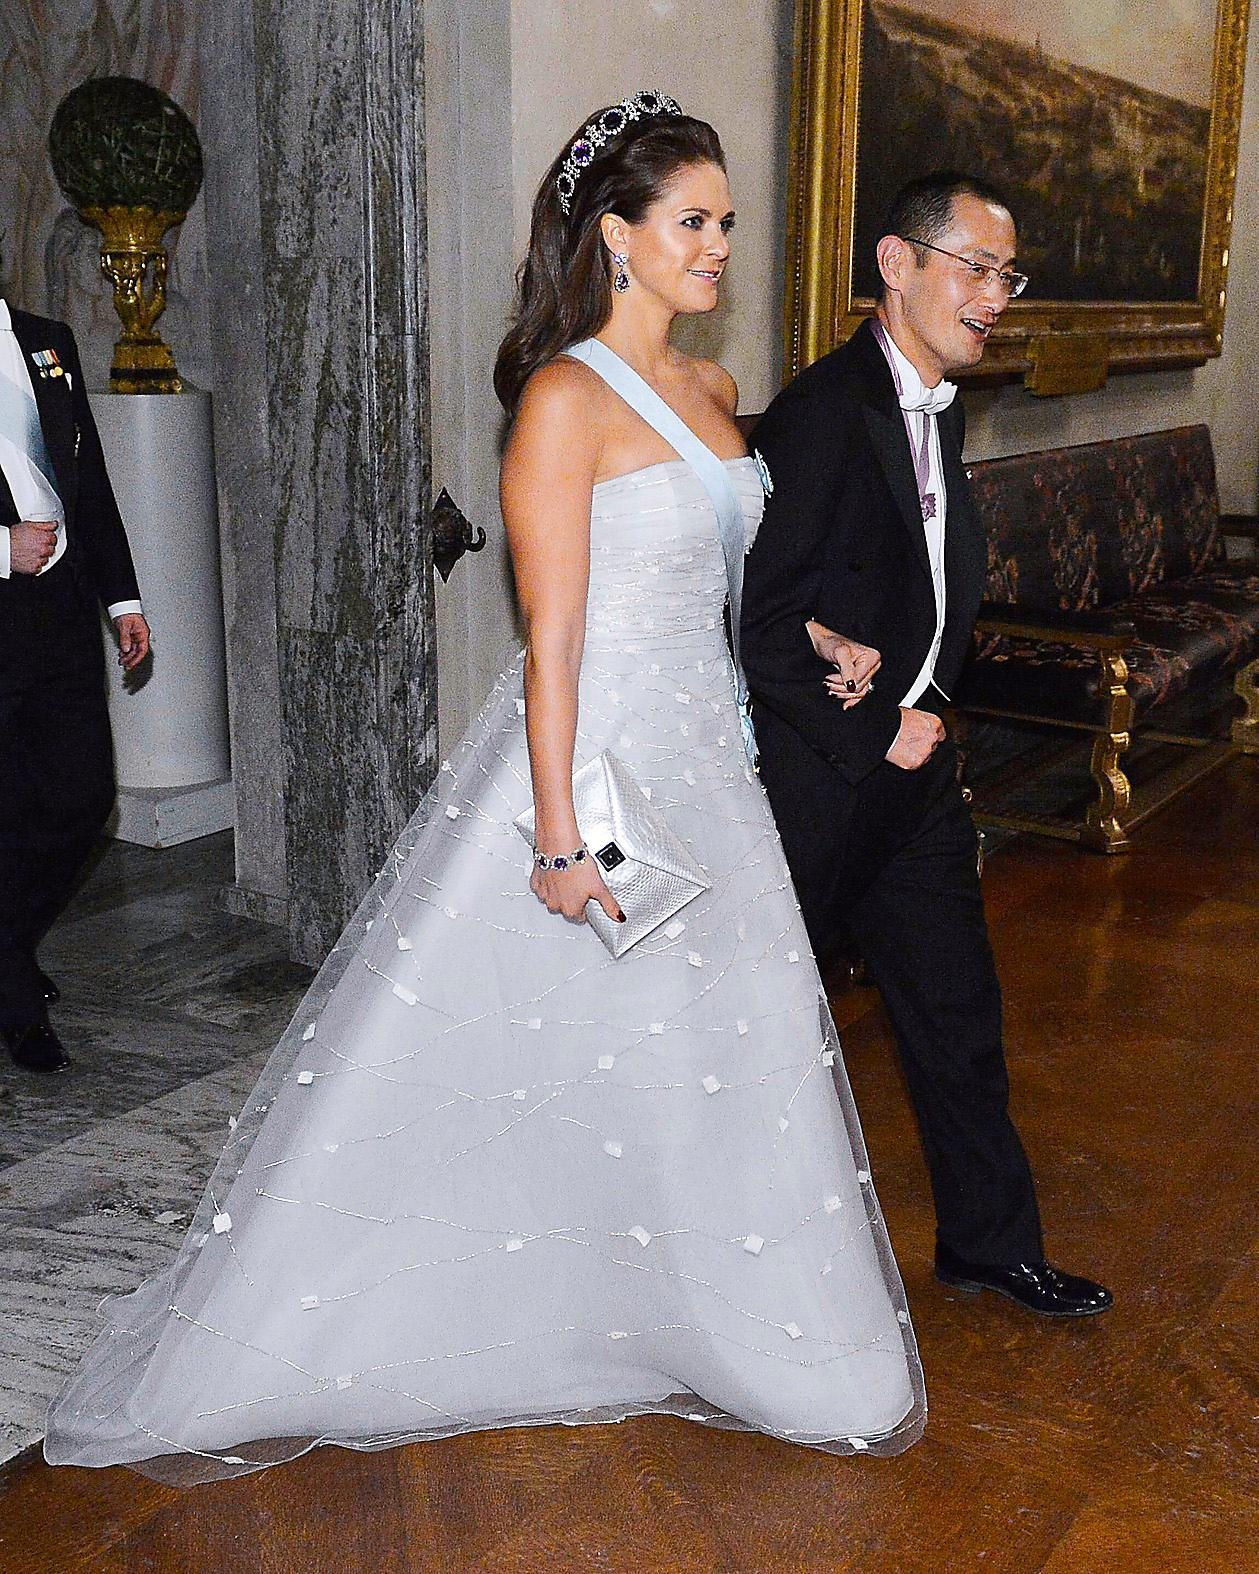 2012.Madeleine i en ärmlös klänning från New York-baserade designern Angel Sanchez. En designer känd för att sy brudklänningar.